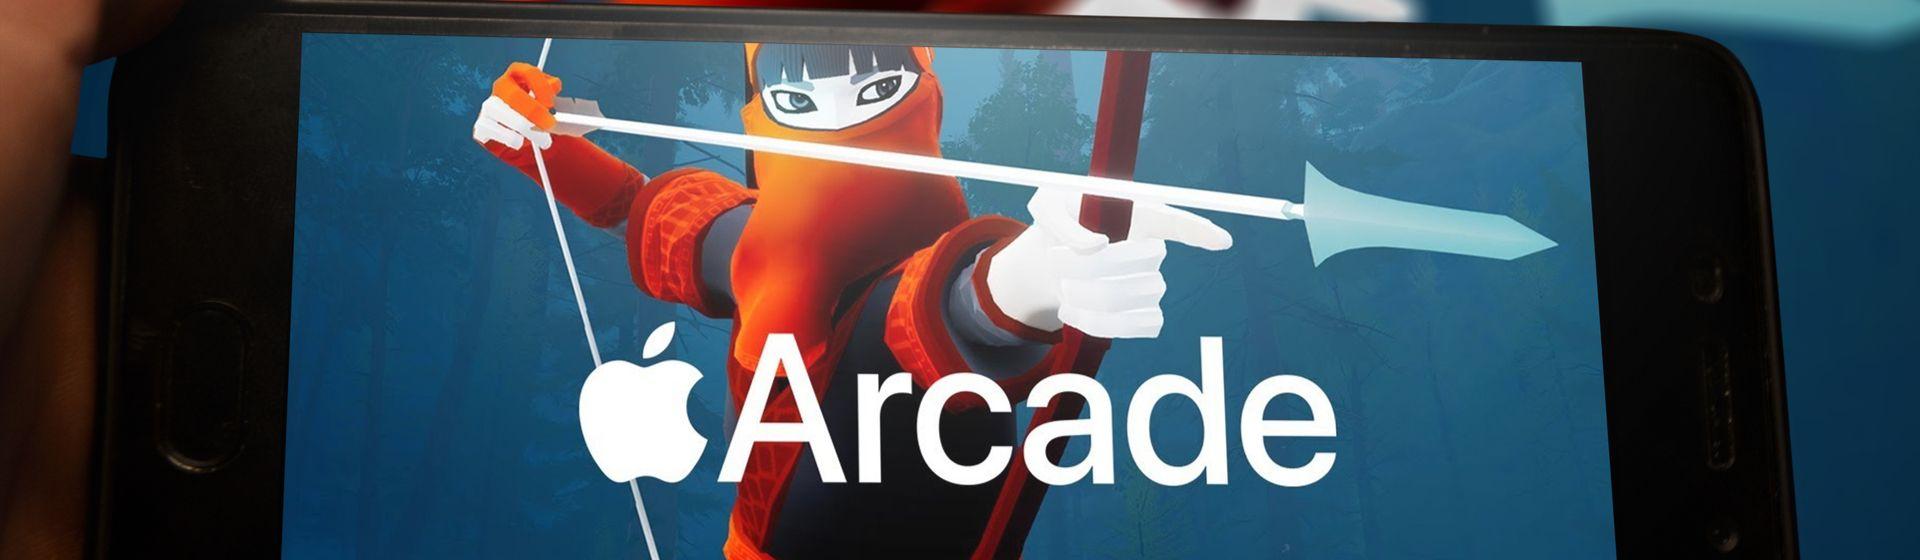 Apple Arcade: tudo sobre o serviço de assinatura de games